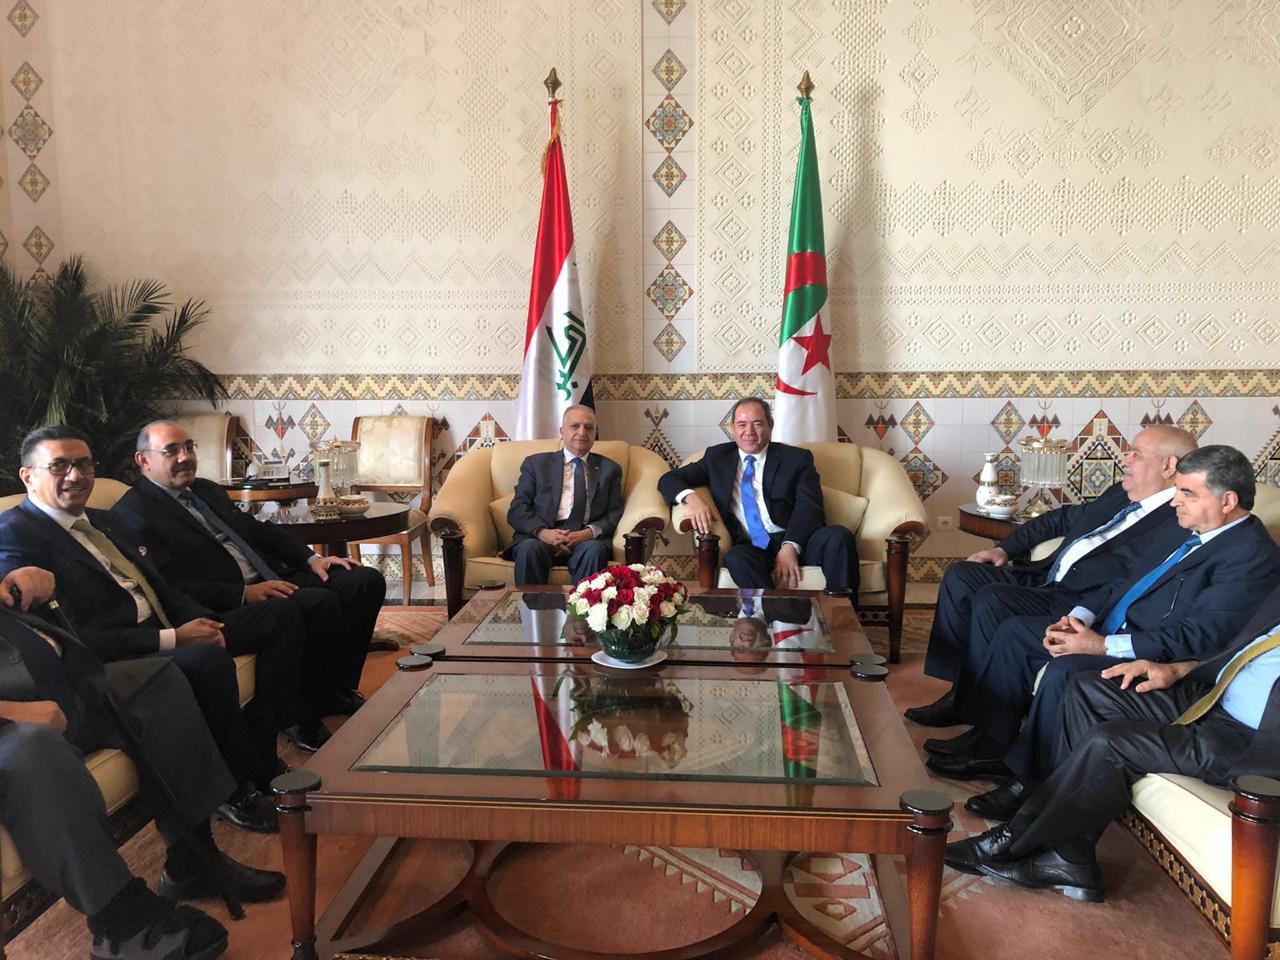 وزير الخارجية يلتقي نظيره الجزائري